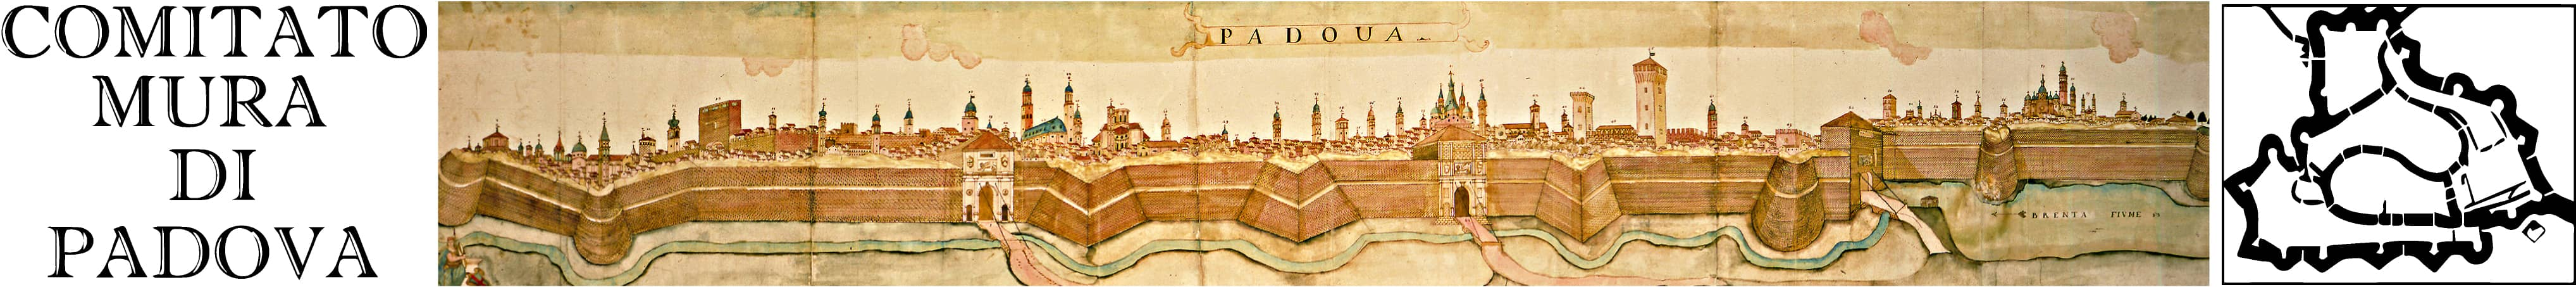 Comitato Mura di Padova